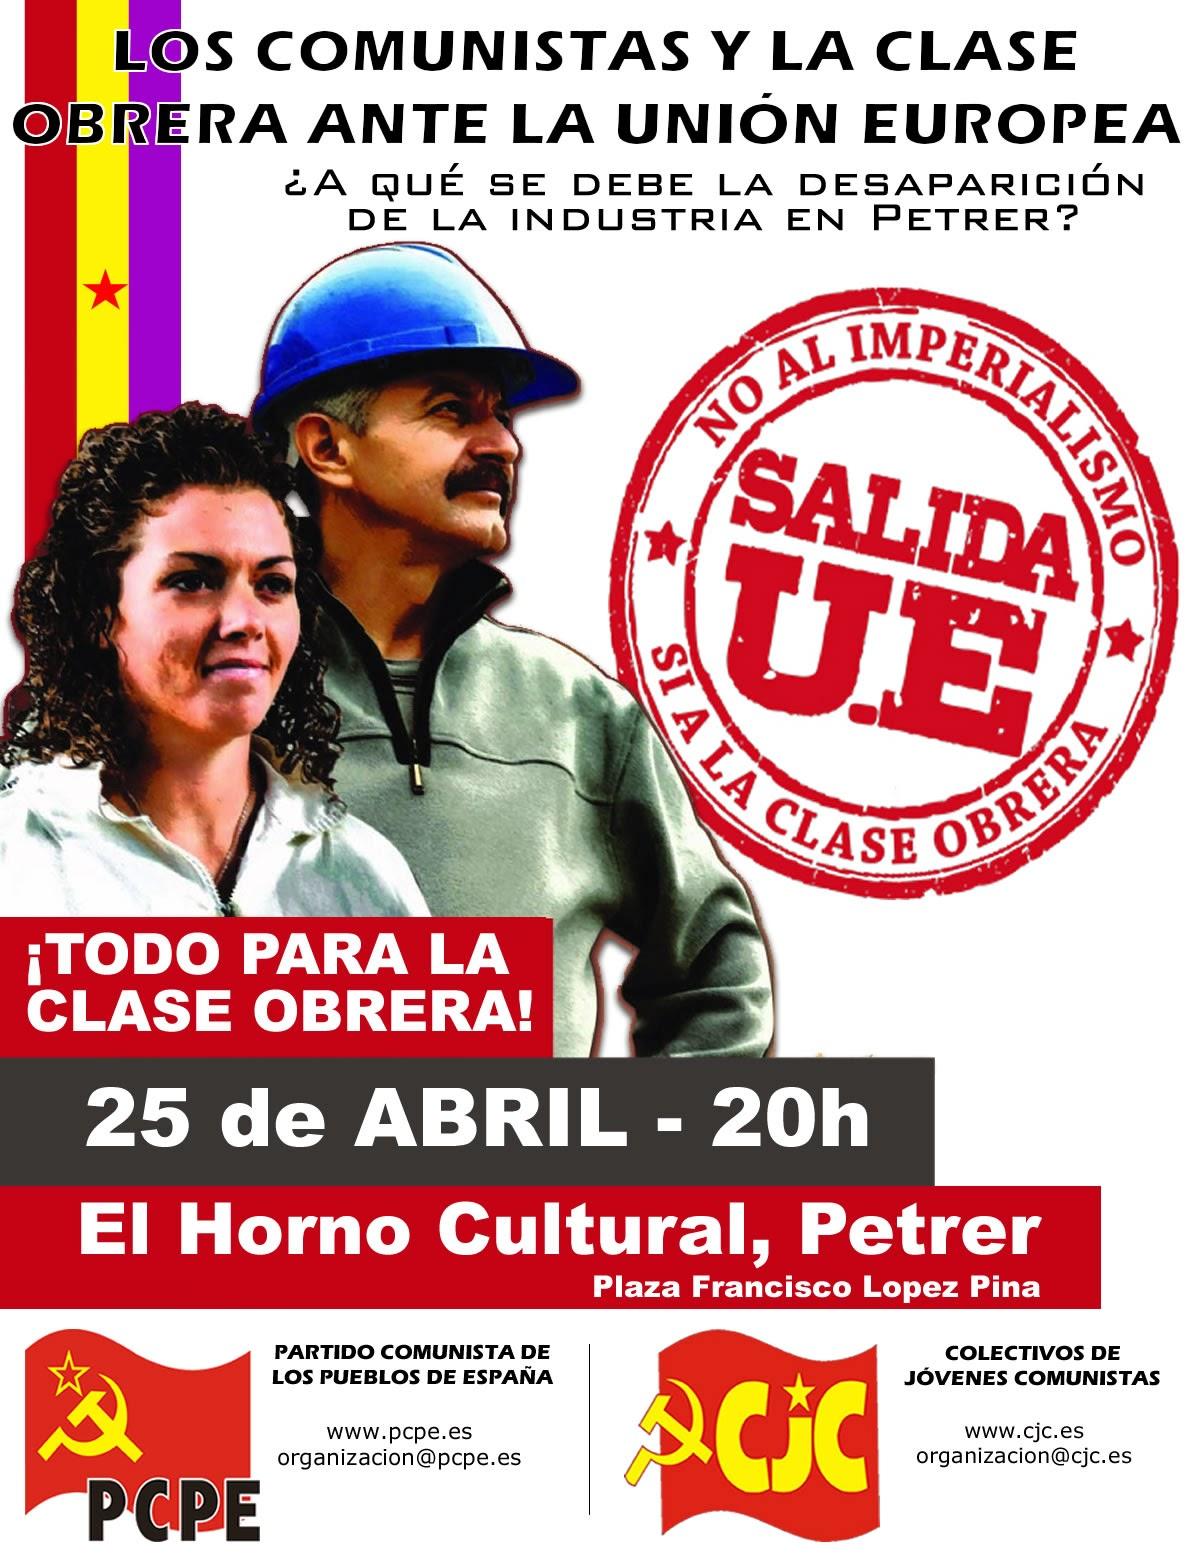 [PCPE] Acto en Petrer, los comunistas y la clase obrera ante la UE Cartel+petrer